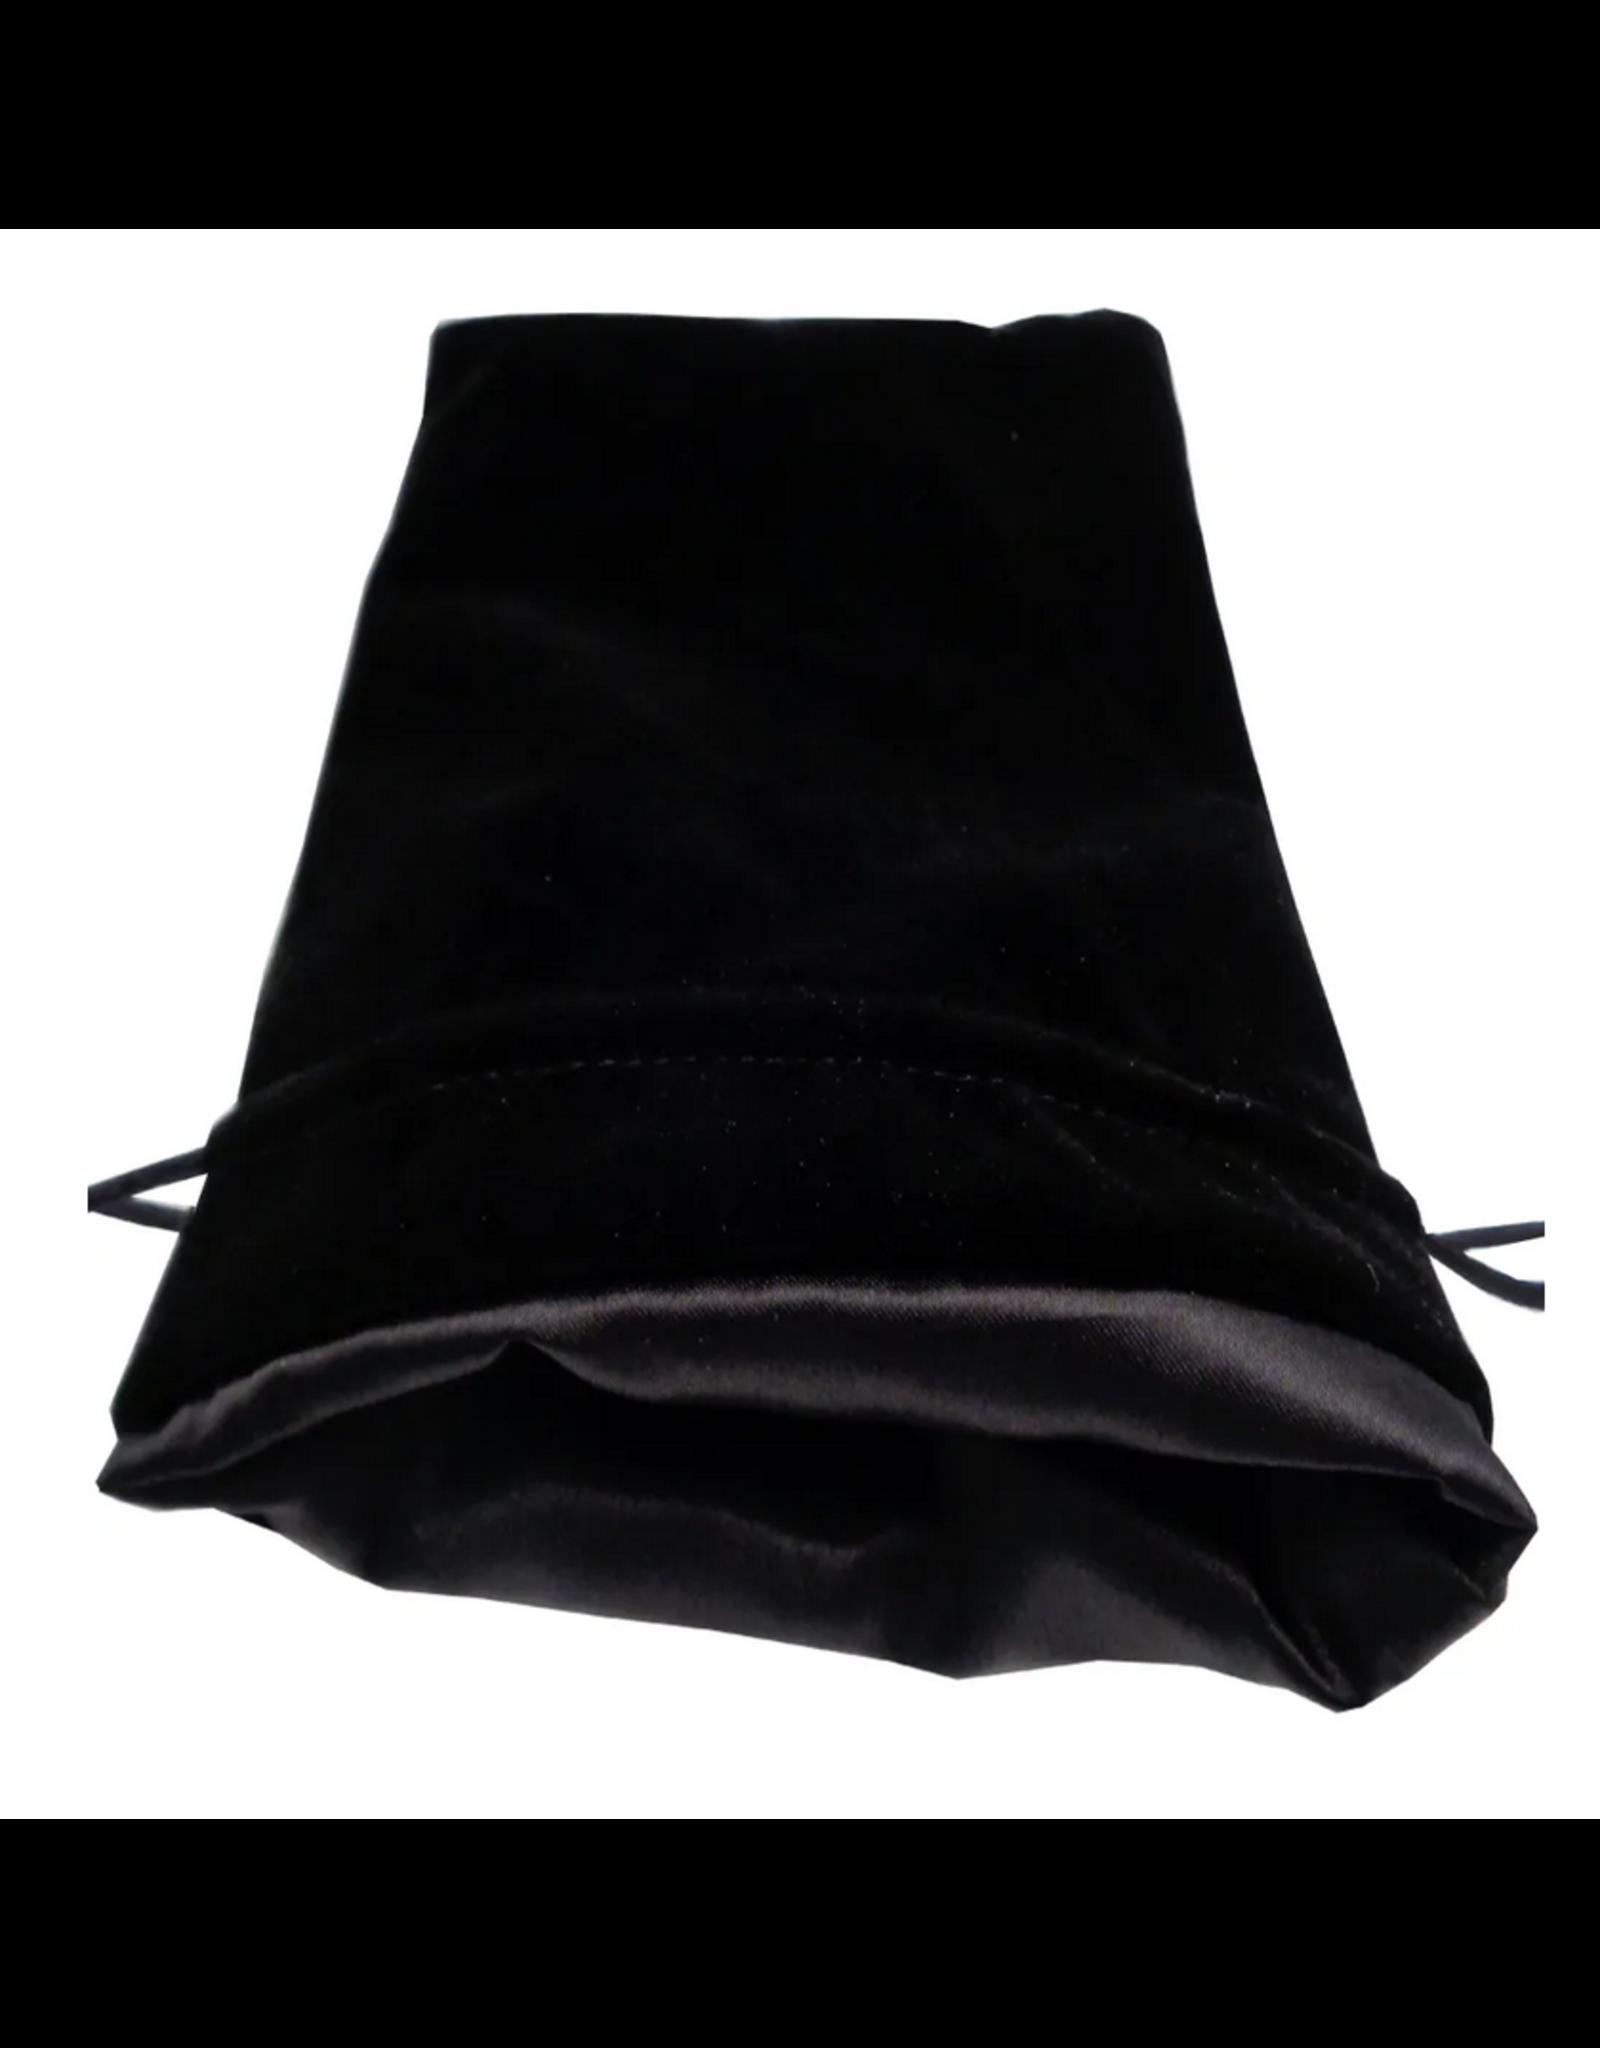 Dice 6in x 8in Large Black Velvet Dice Bag